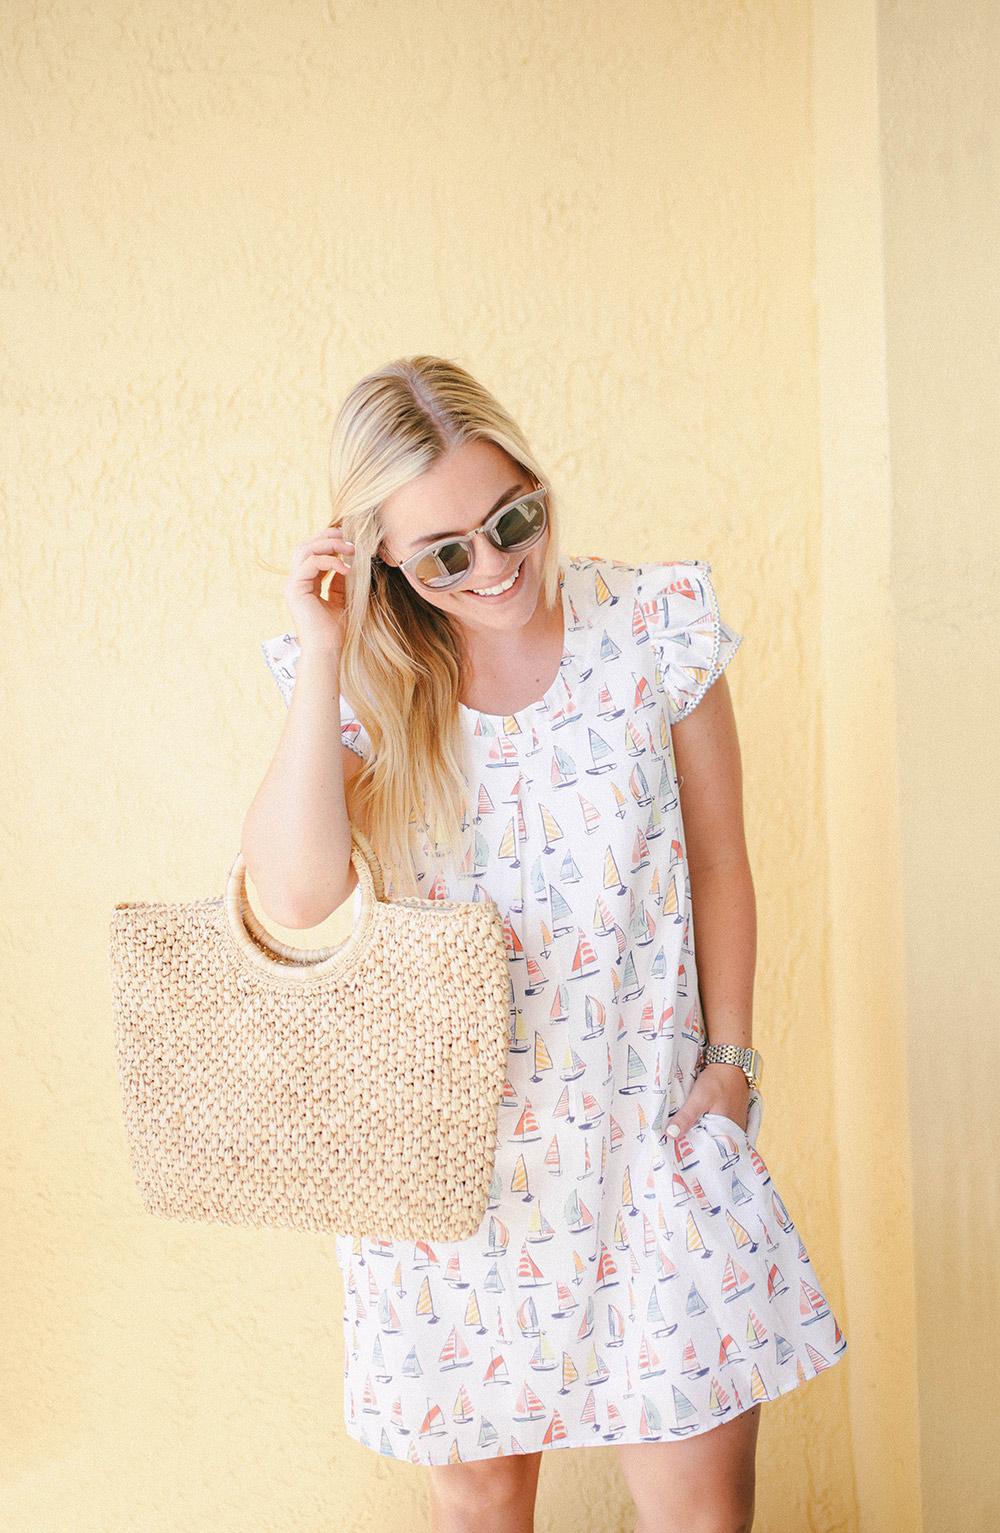 Persifor Sailboat Print Dress